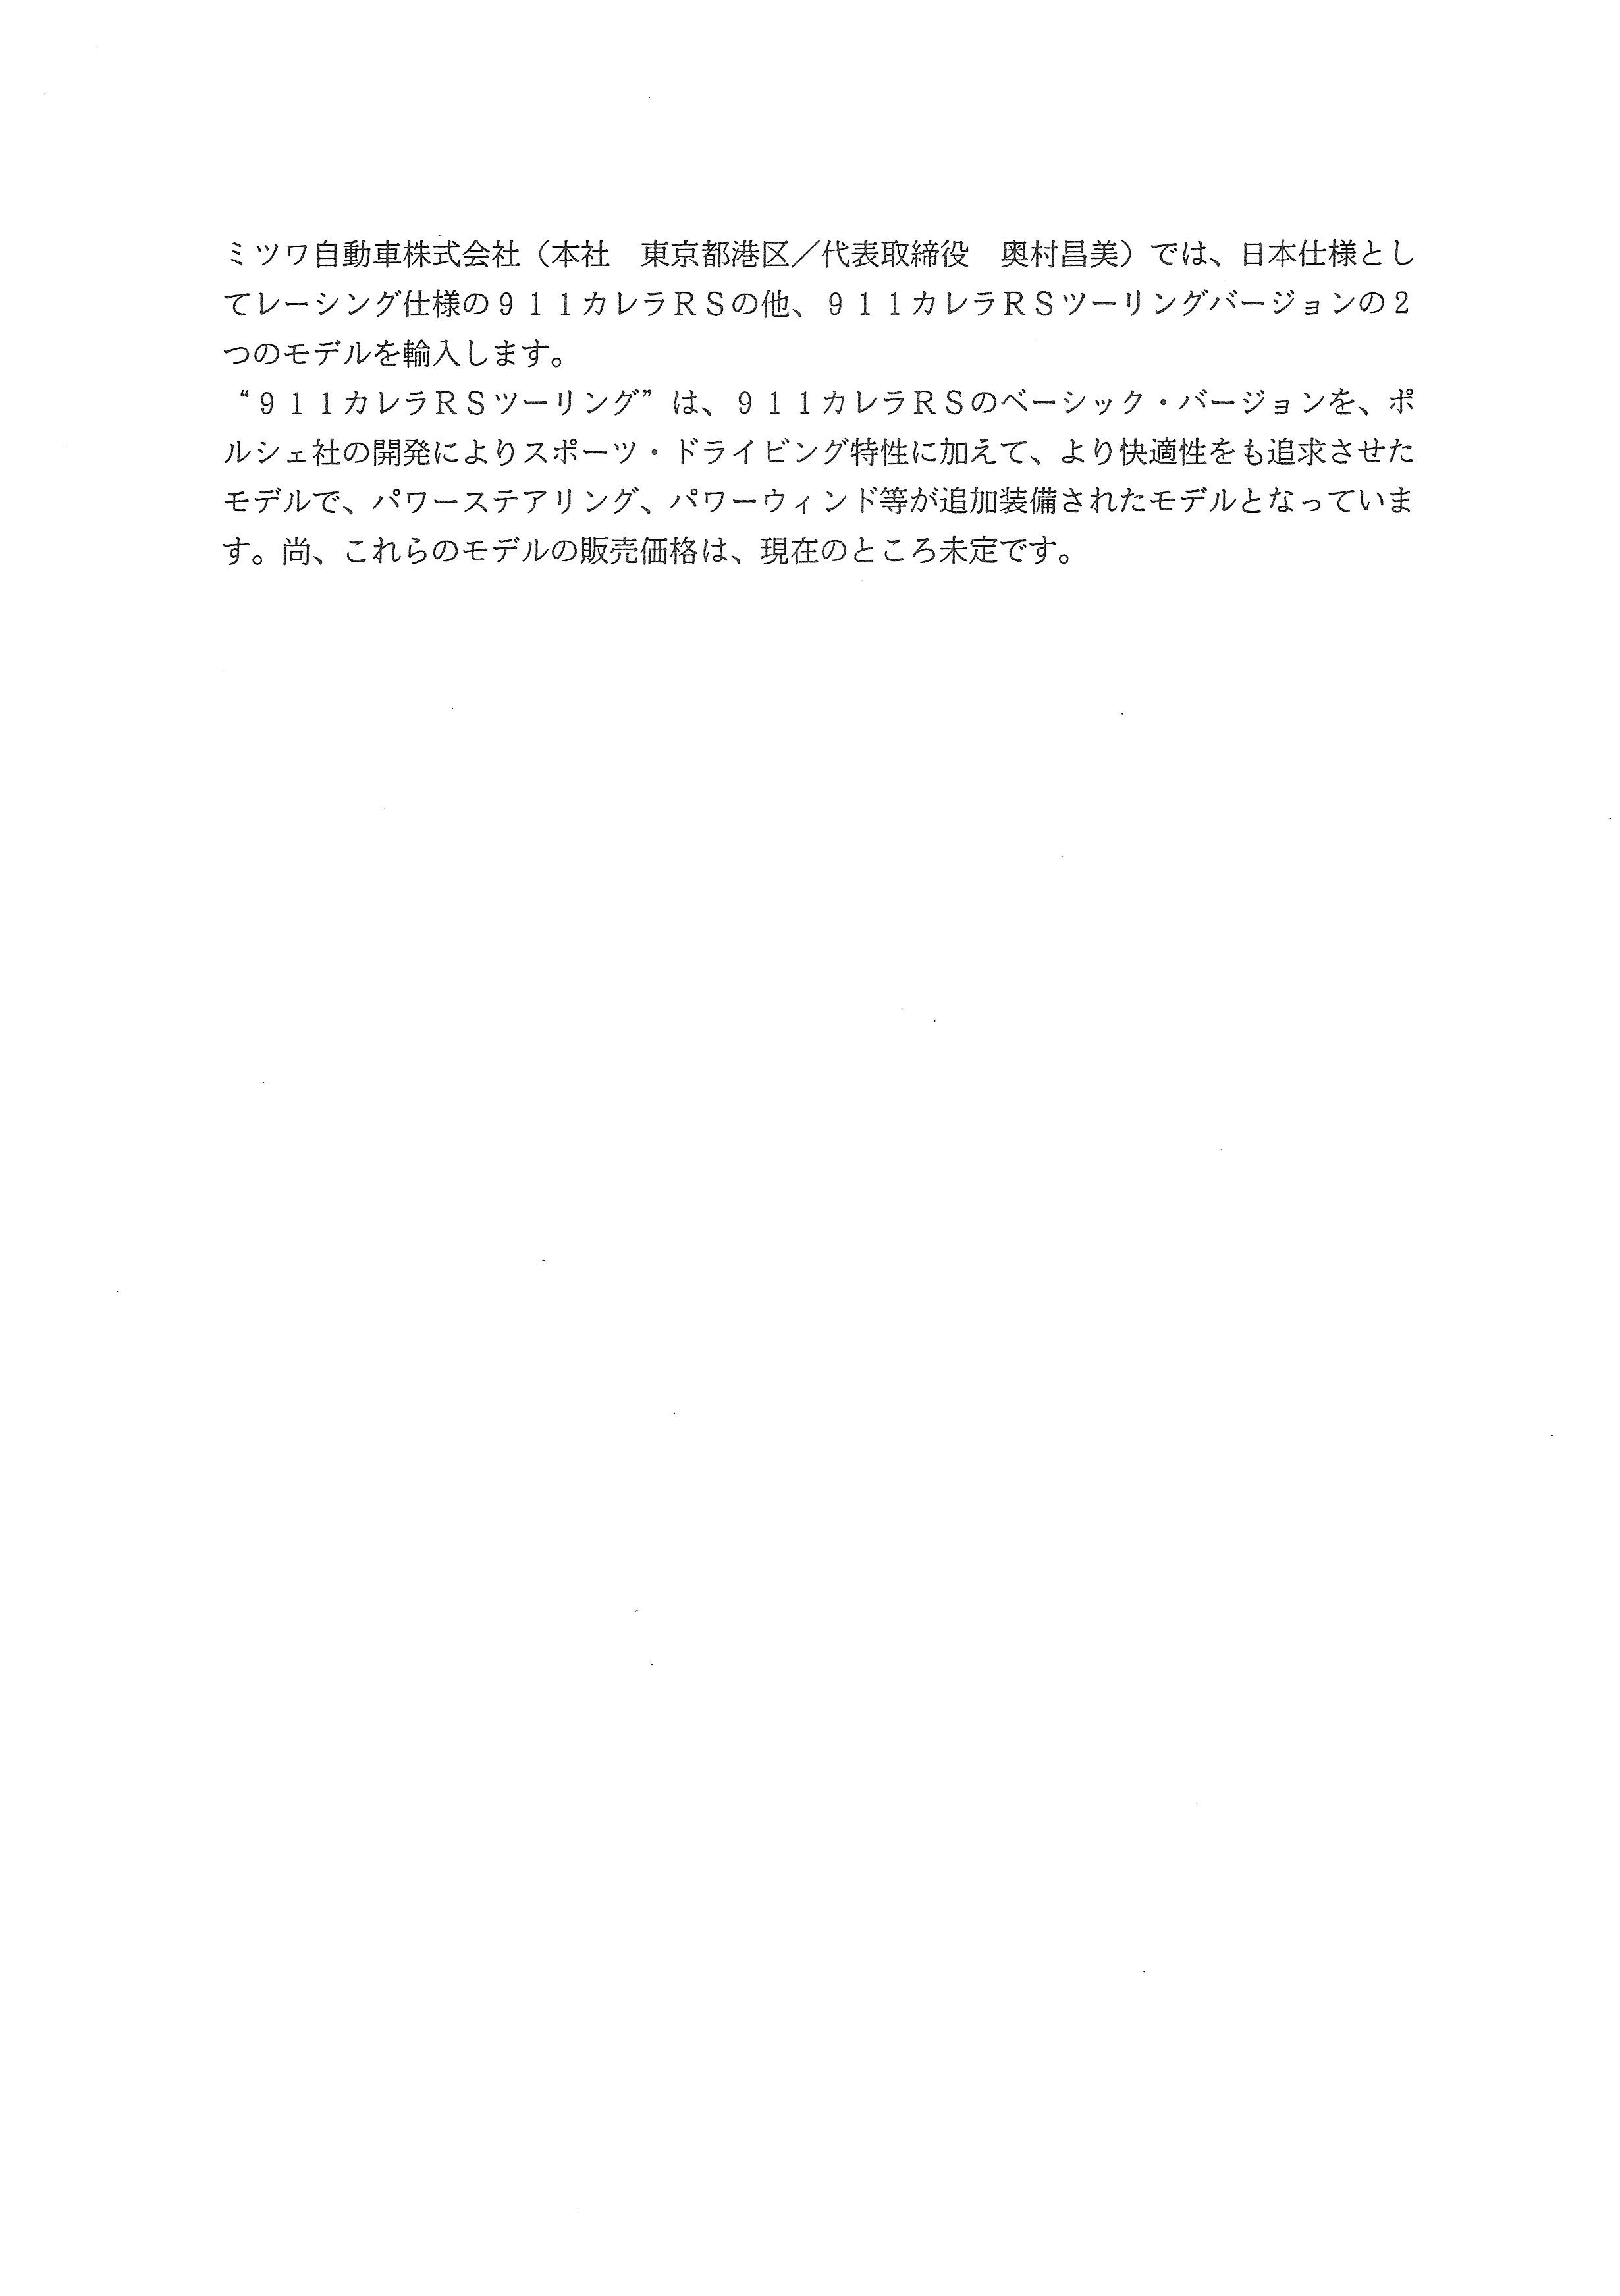 b0075486_1223510.jpg